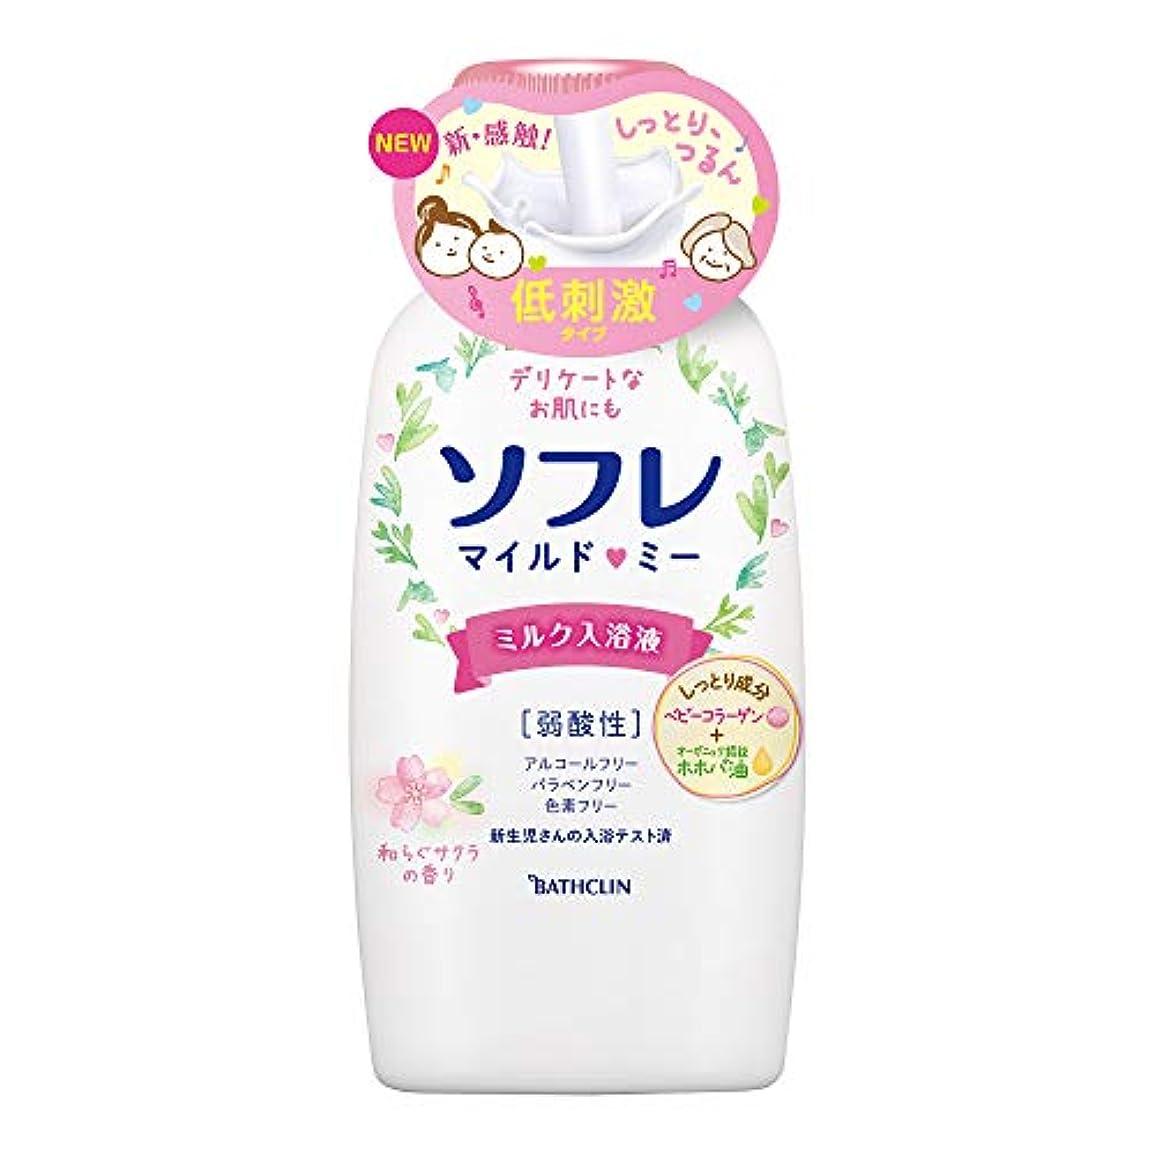 手当不満考慮バスクリン ソフレ入浴液 マイルド?ミー ミルク 和らぐサクラの香り 本体720mL保湿 成分配合 赤ちゃんと一緒に使えます。